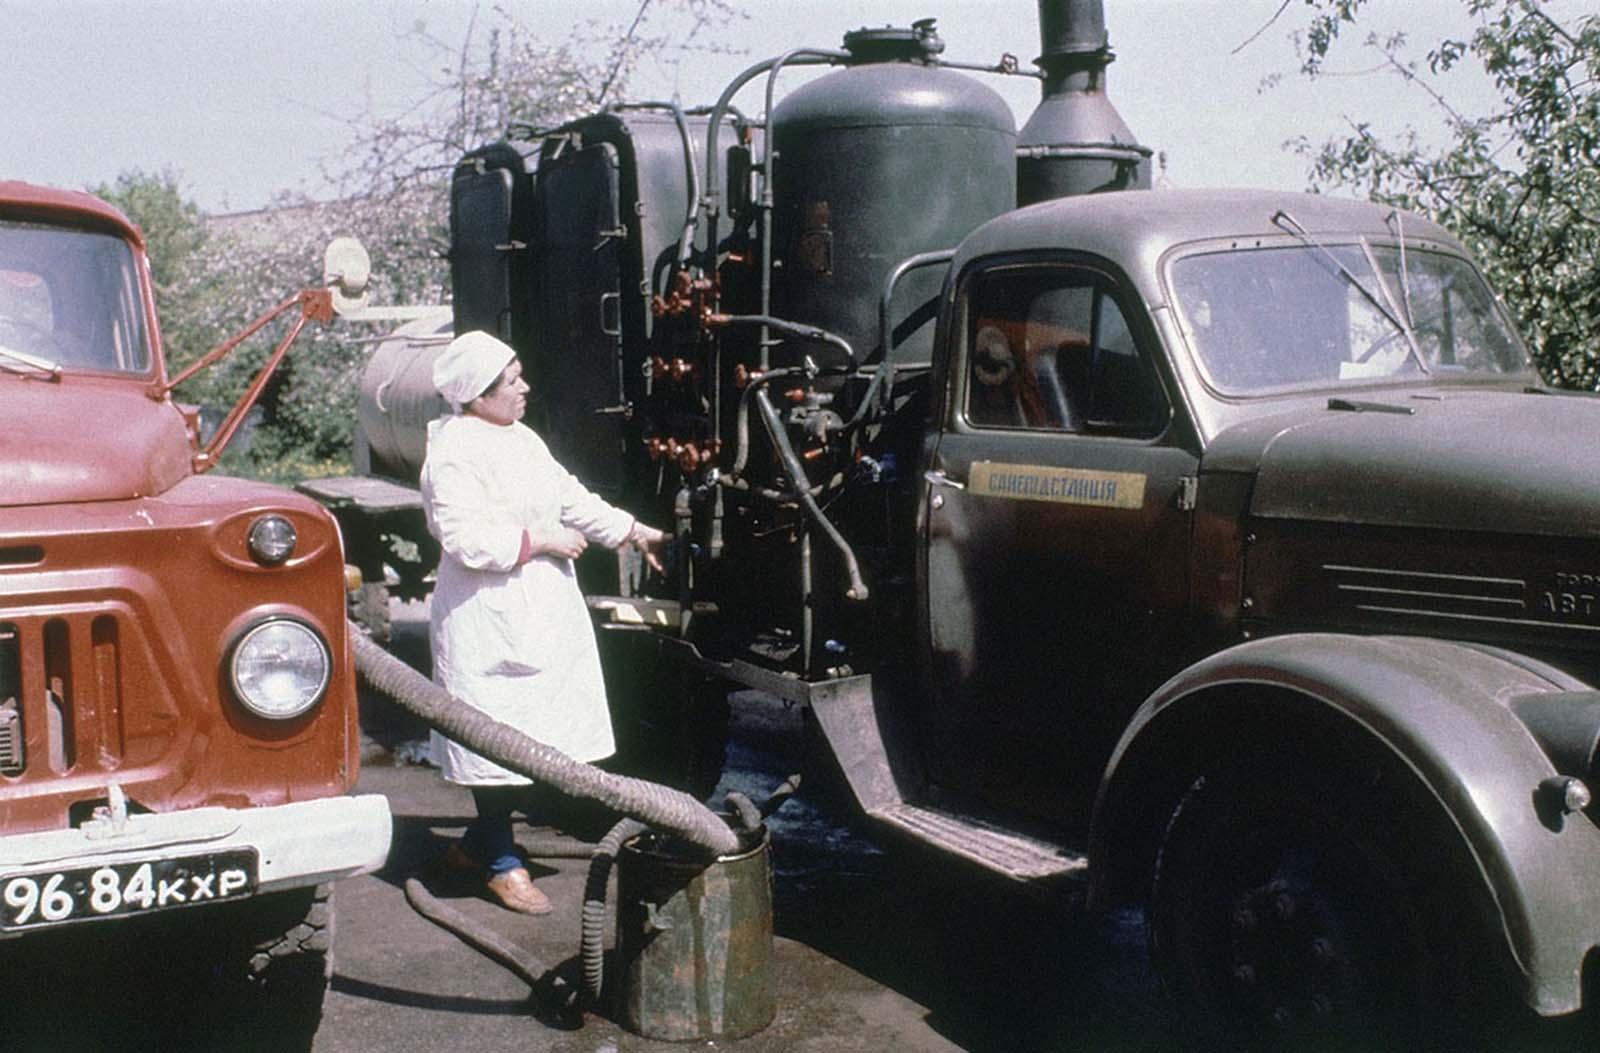 Un técnico soviético prepara un camión cisterna con una solución diseñada para descontaminar la ropa y el equipo de las personas en Kiev el 9 de mayo de 1986.